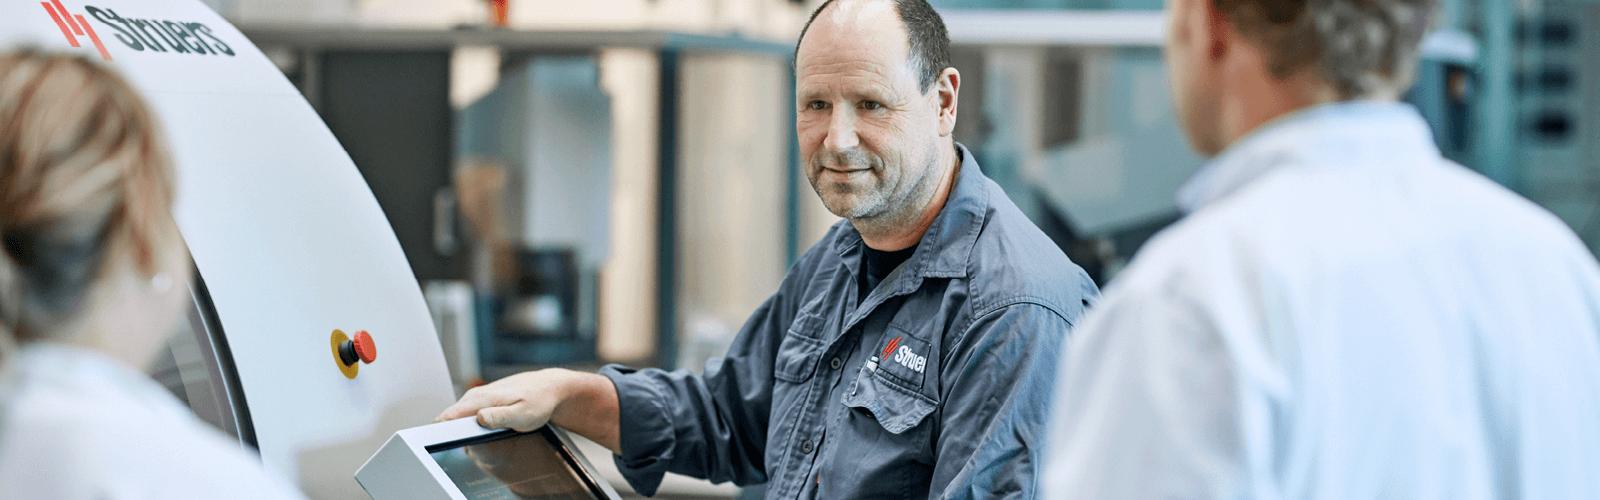 Service Personnalisé Maintenance Préventive